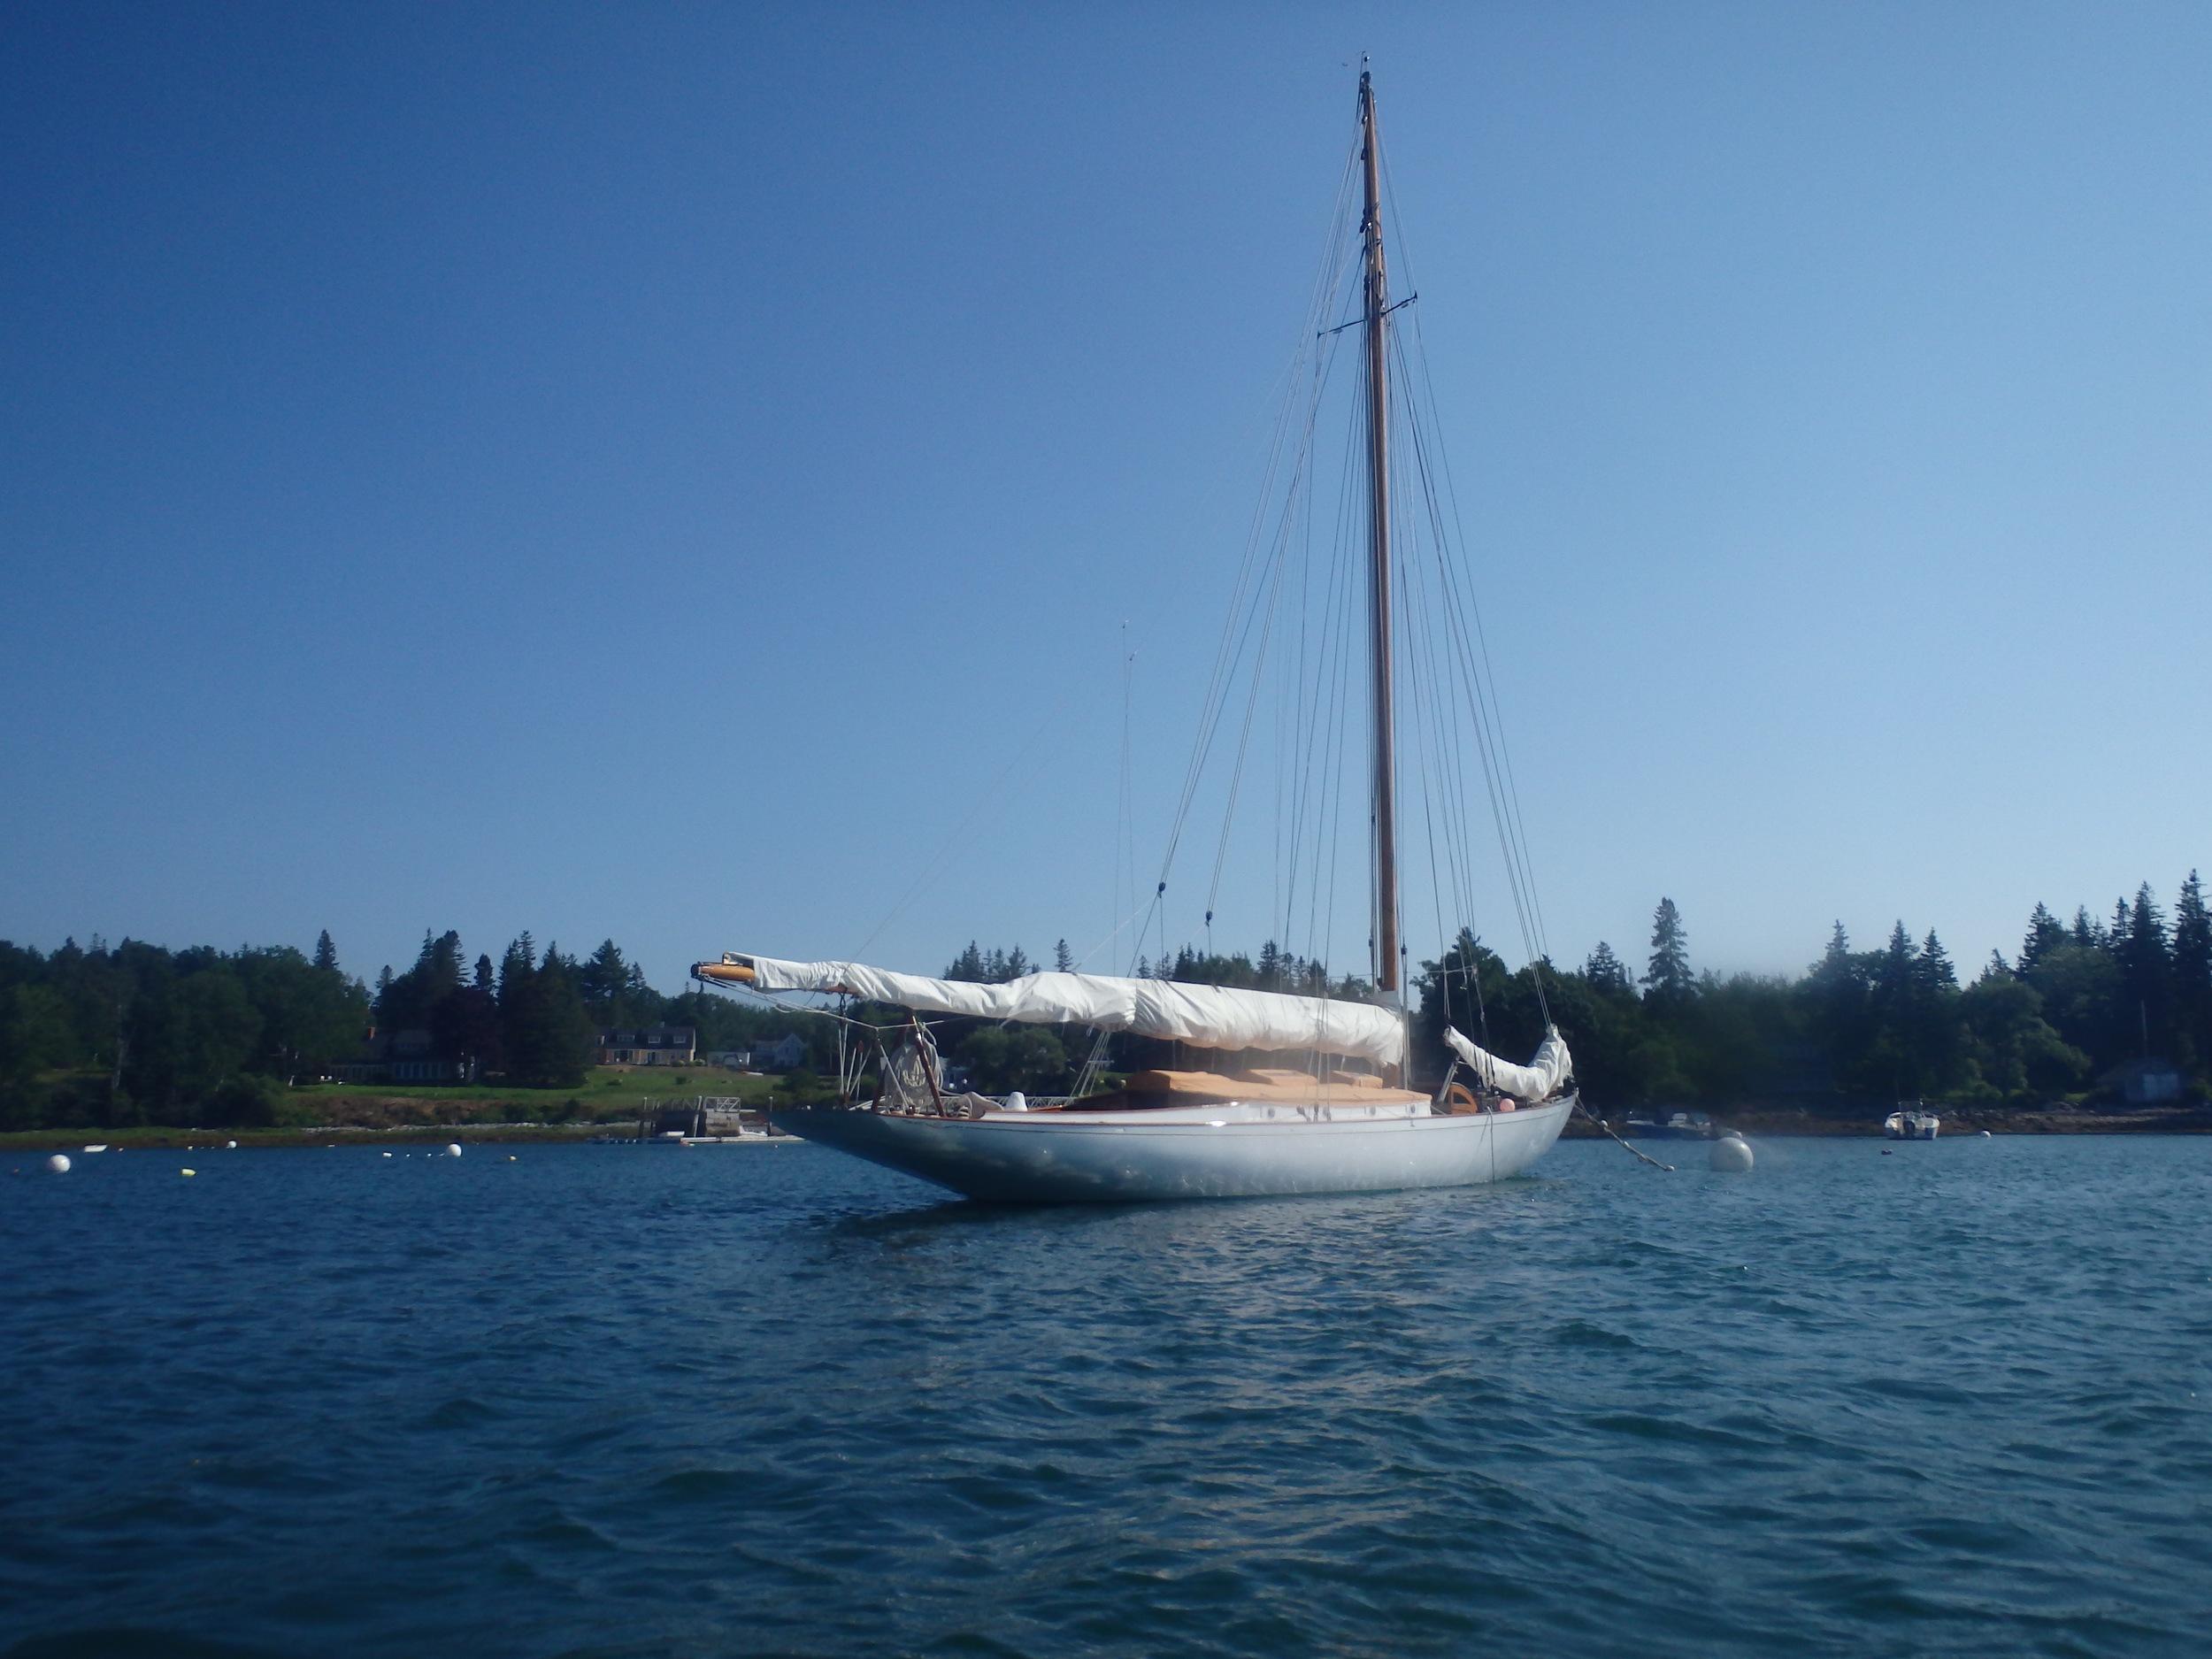 Sloop in Tenants Harbor